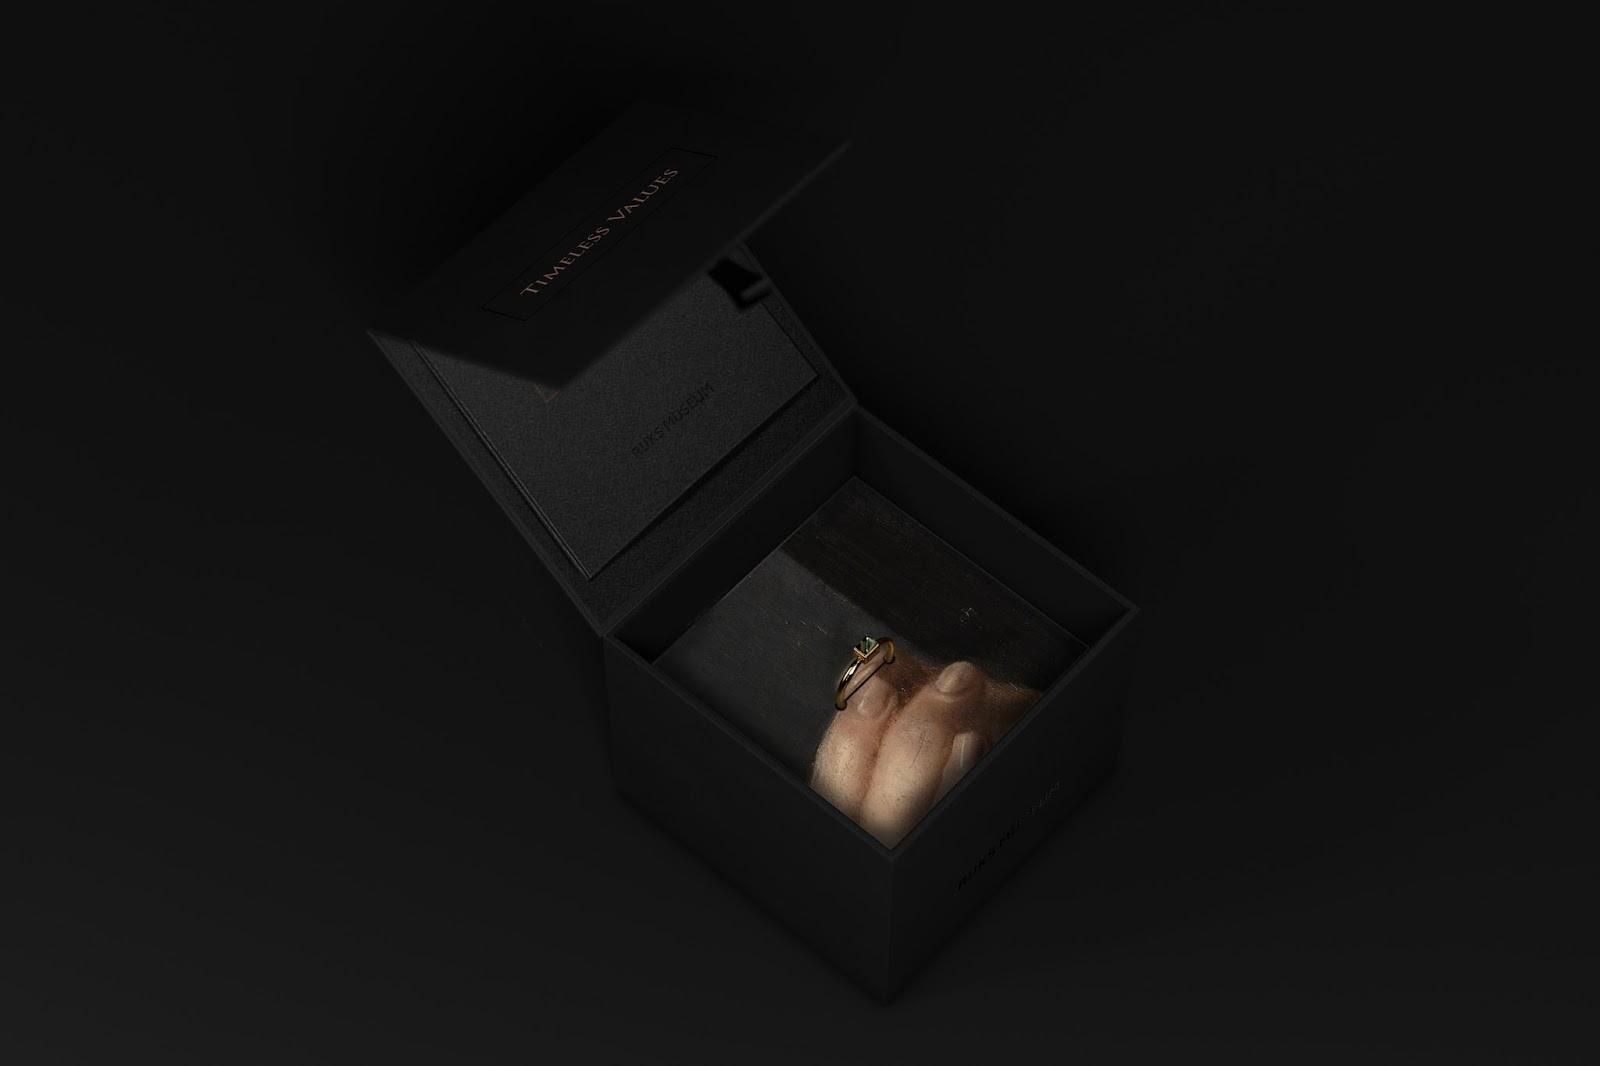 David & Vsevolod – Rijksstudio Award (Concept)